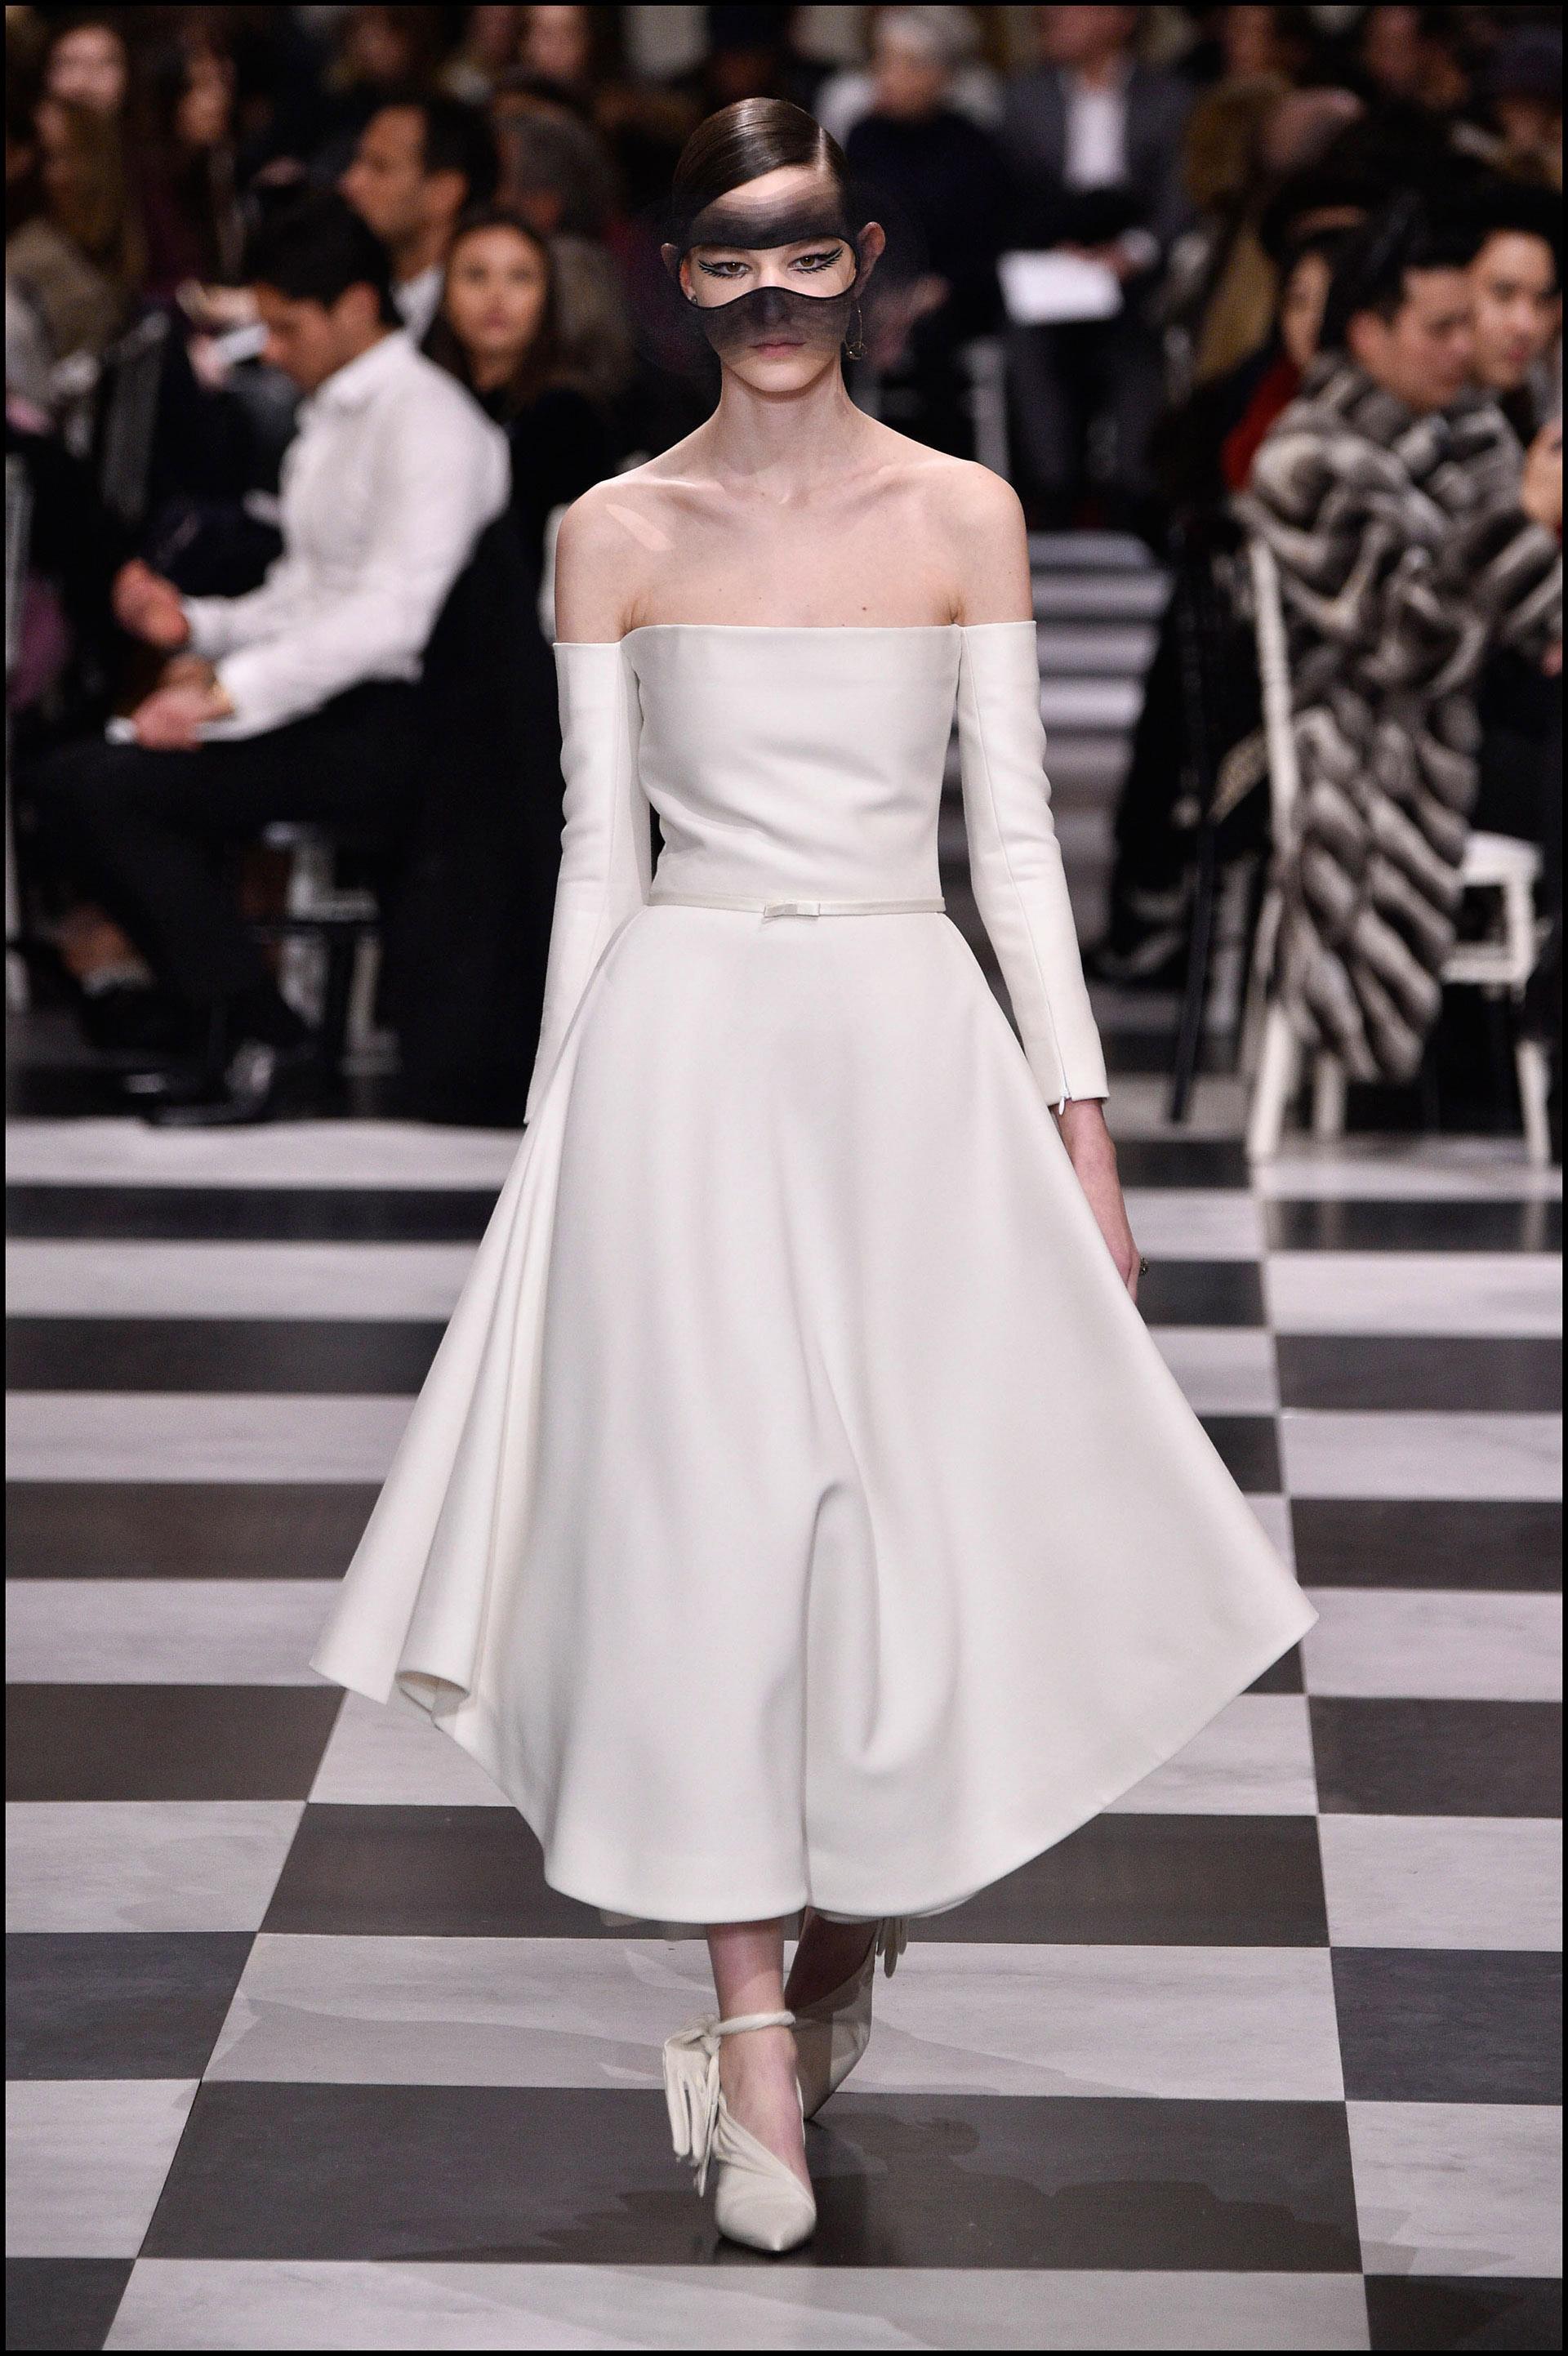 Vestido all white, con la cintura ceñida y escote of the shoulders.